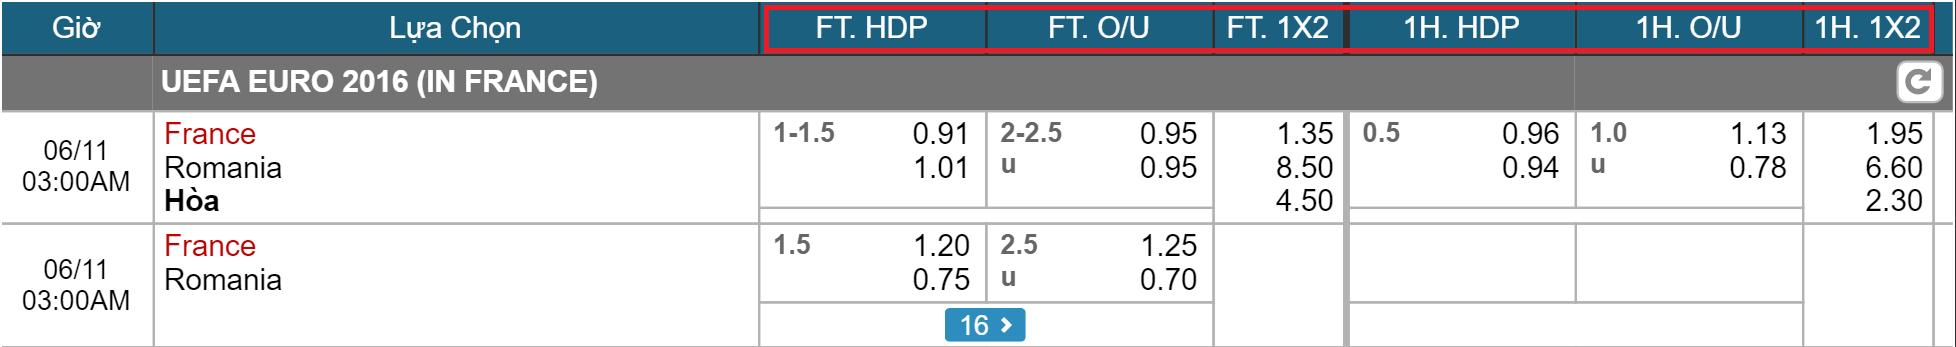 Khung kèo cá độ bóng đá FT. HDP FT. O/U FT. 1X2 1H. HDP 1H. O/U 1H. 1X2  Hướng dẫn cách xem tỷ lệ kèo, ý nghĩa các tỷ lệ cược chấp khung keo ca do bong da